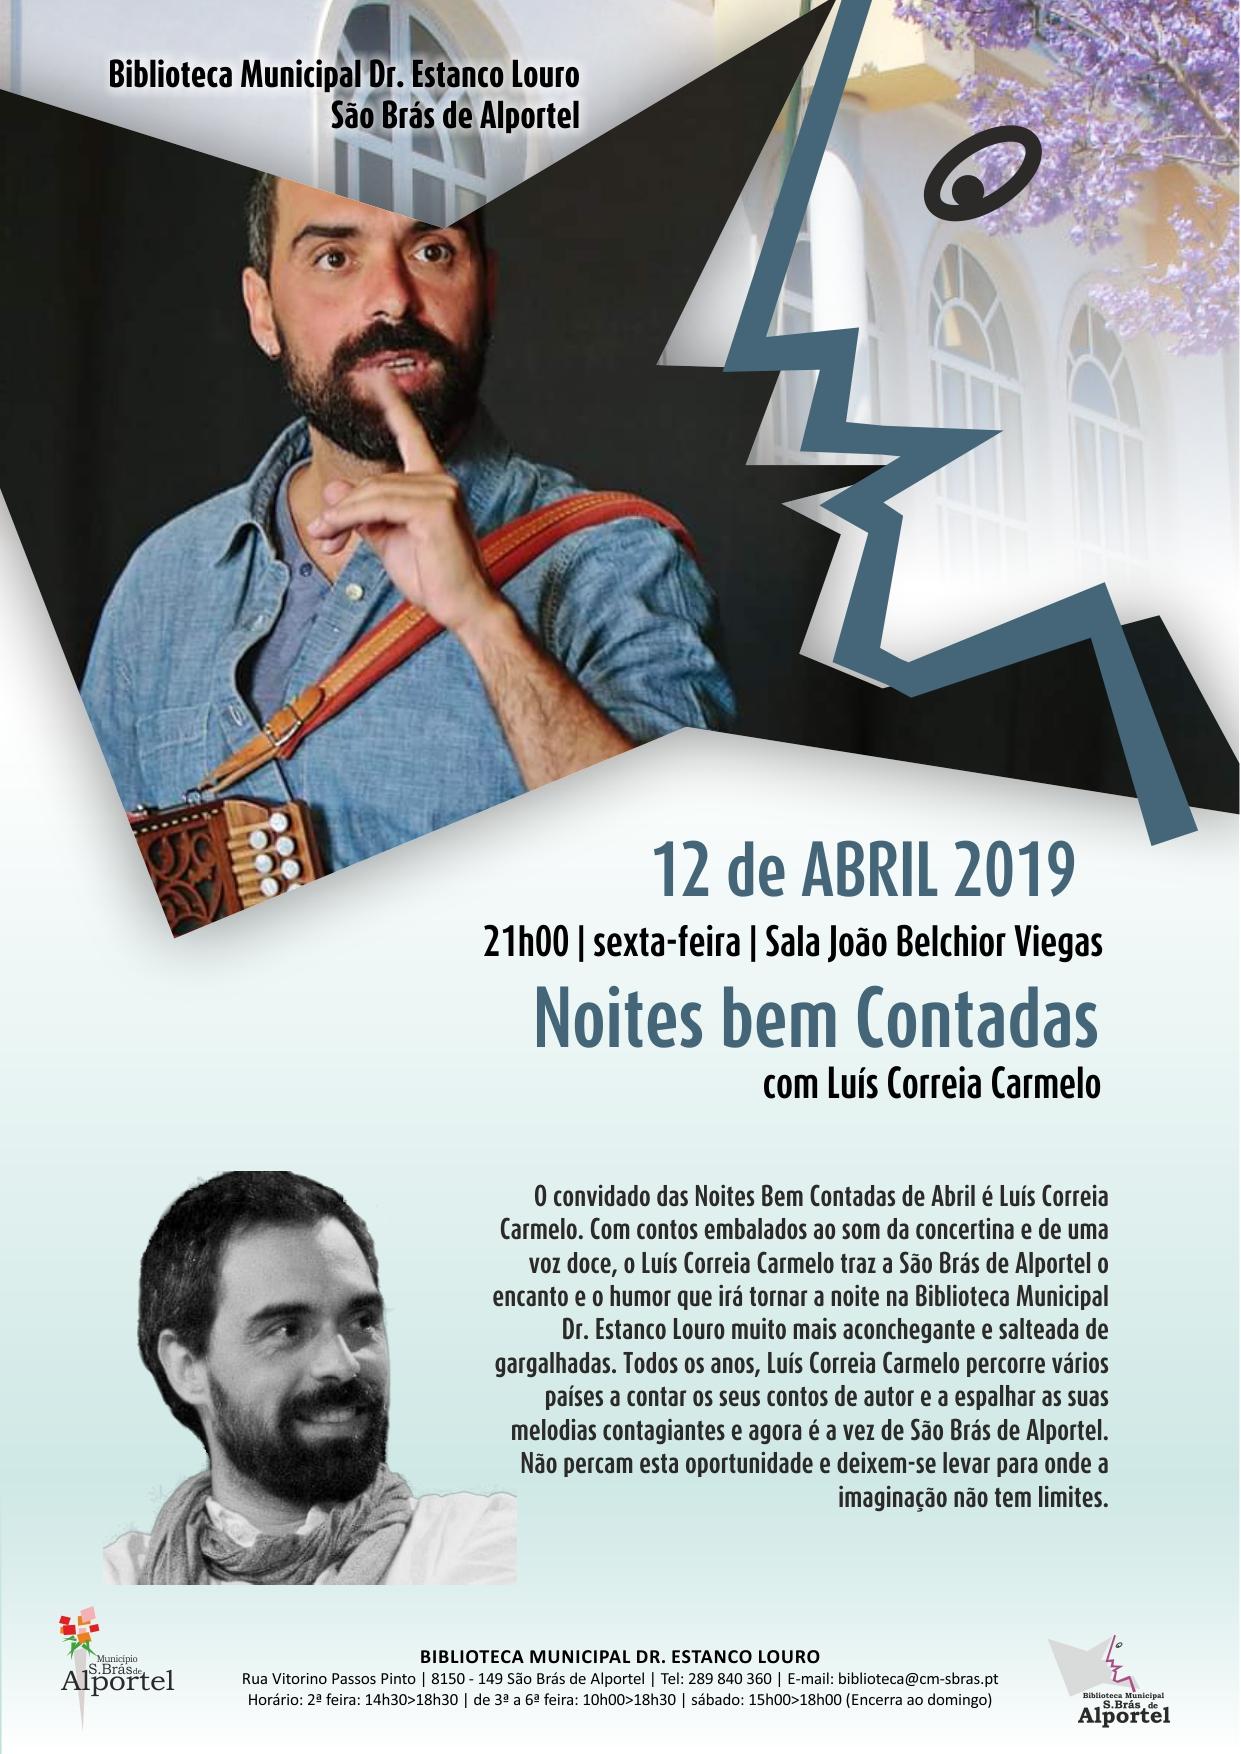 cartaz da sessão de noites bem contadas de abril de 2019